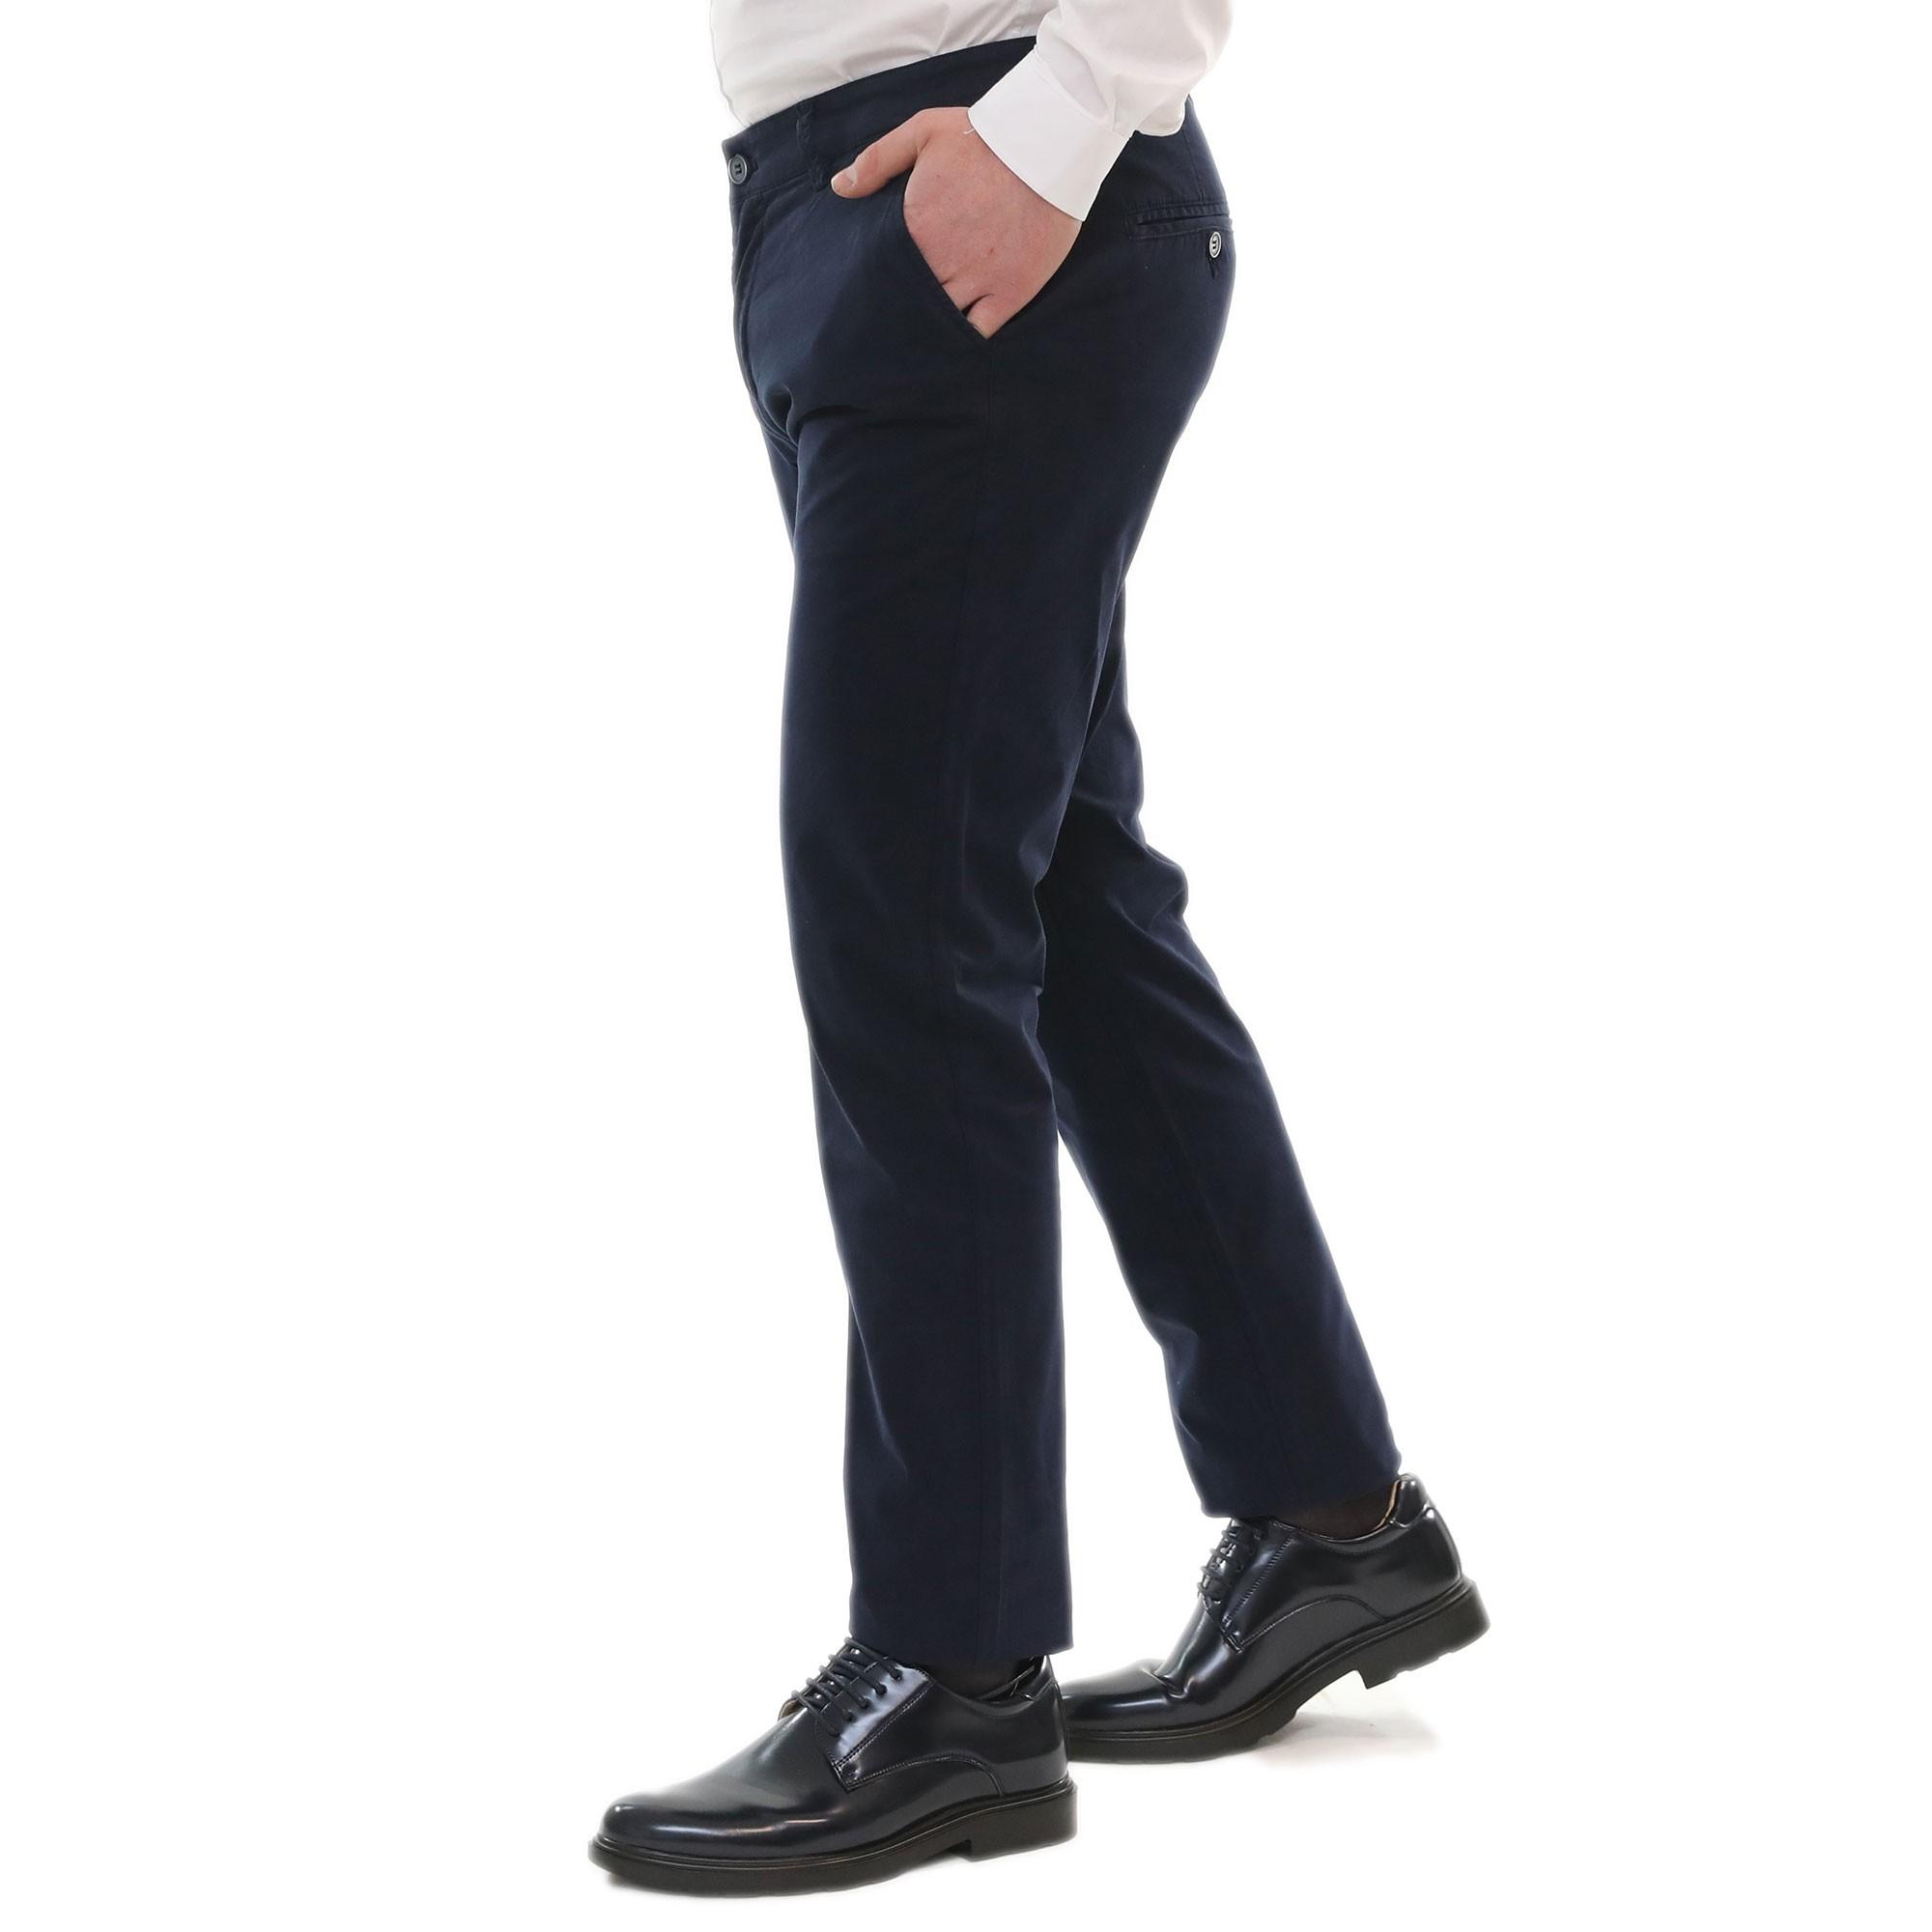 Pantaloni-Uomo-Estivi-Cotone-Chino-Slim-Fit-Elegante-Tasche-America miniatura 3